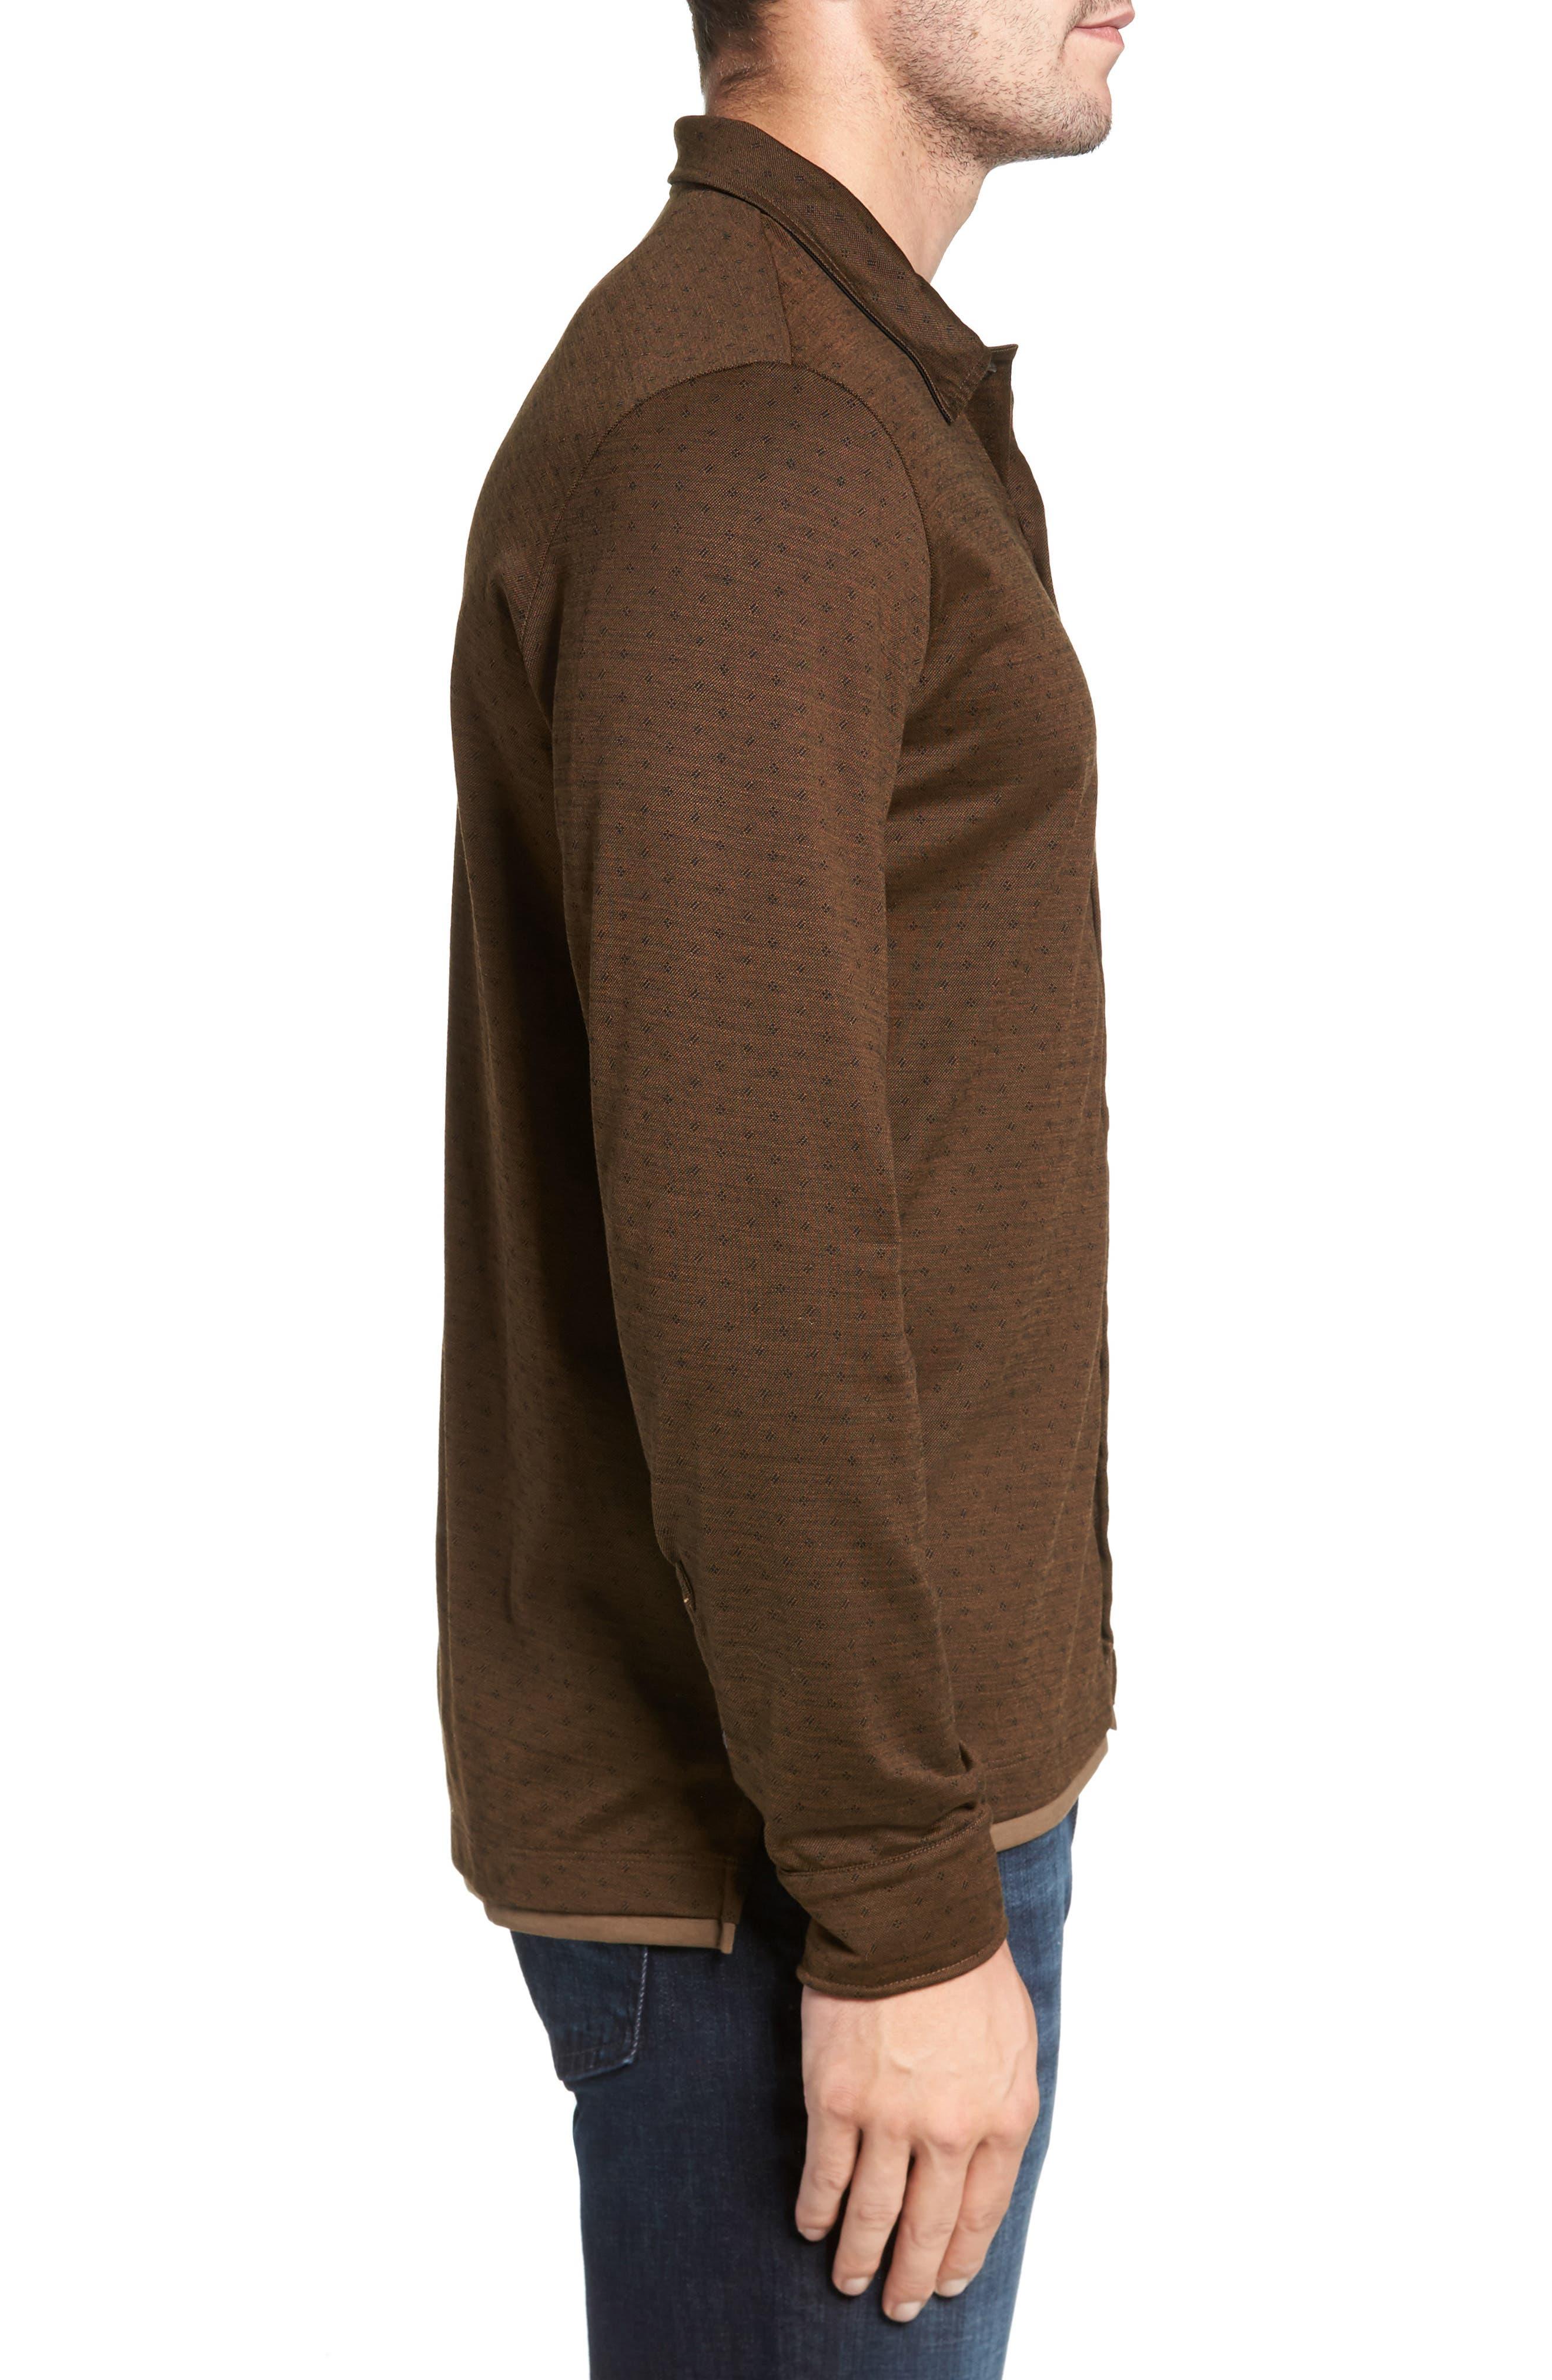 Jacquard Knit Sport Shirt,                             Alternate thumbnail 10, color,